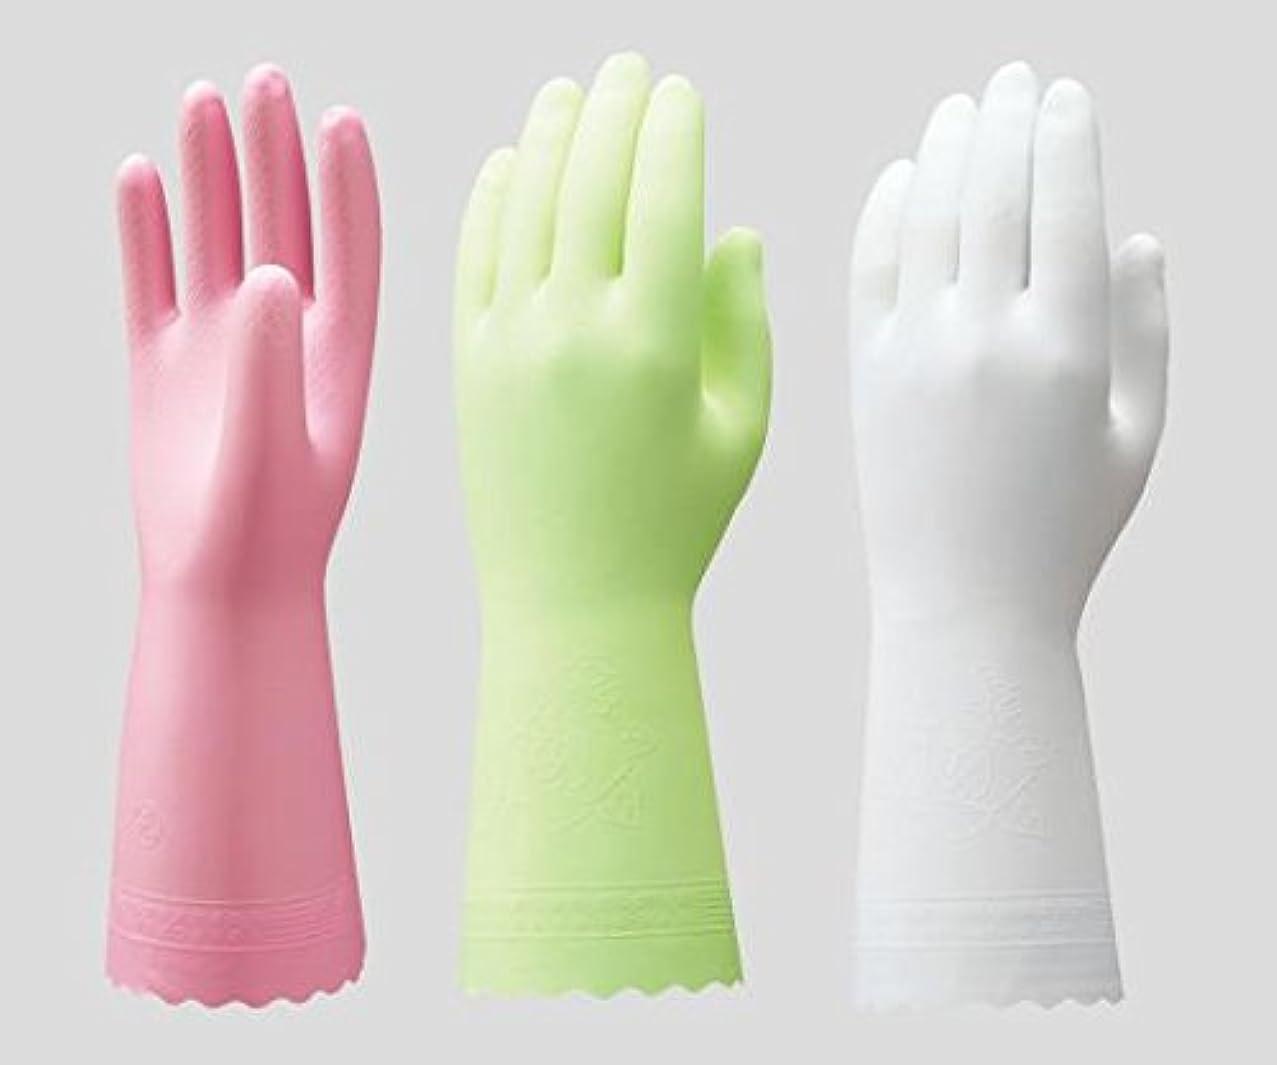 郵便局繊毛枯渇ショーワグローブ2-9143-05ビニトップ手袋薄手裏毛無ホワイトL